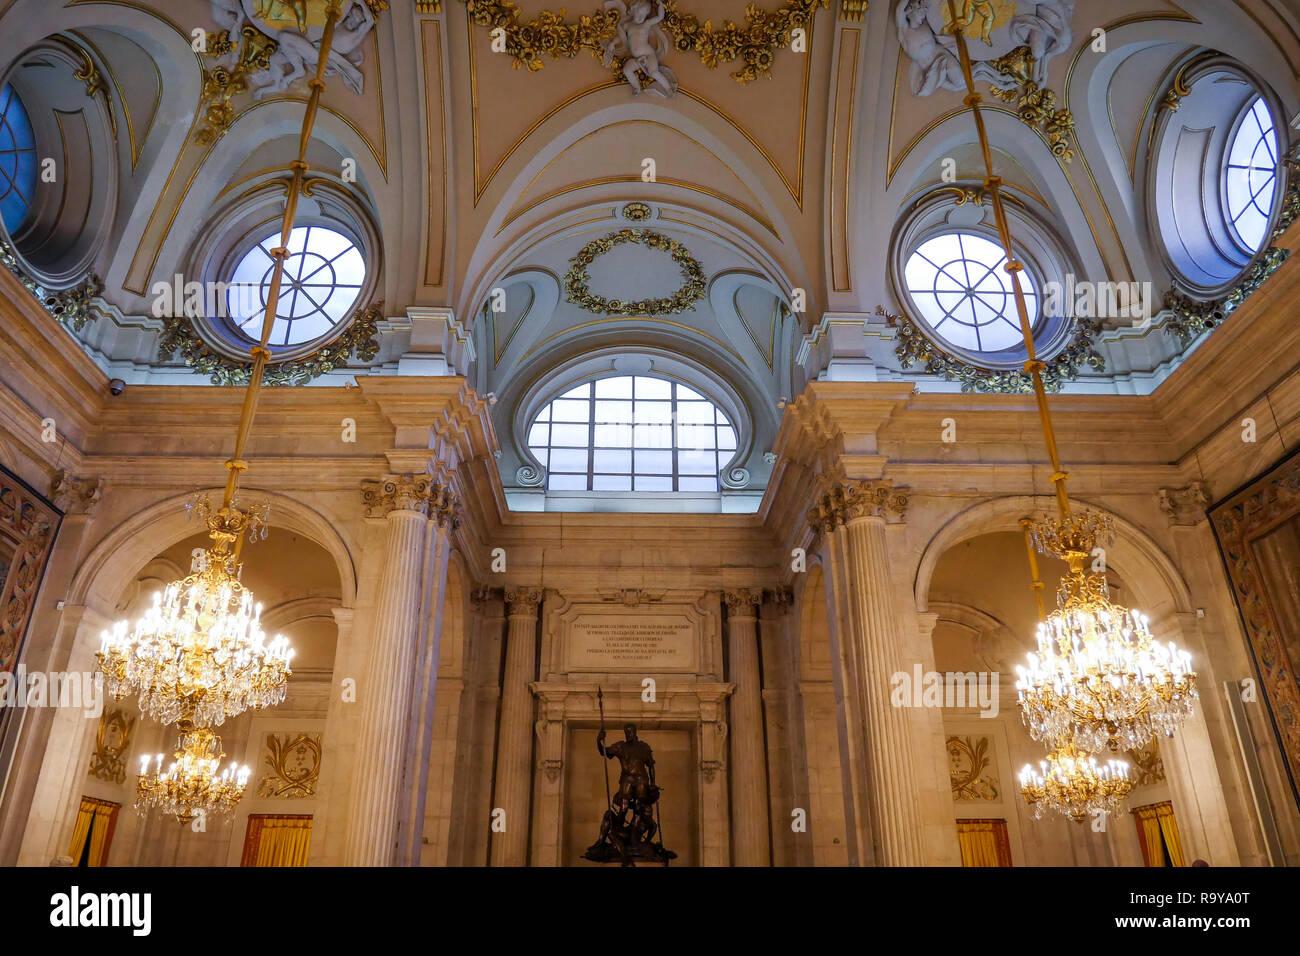 Grand staircases, Royal Palace - Palazo Real, Madrid, Spain - Stock Image